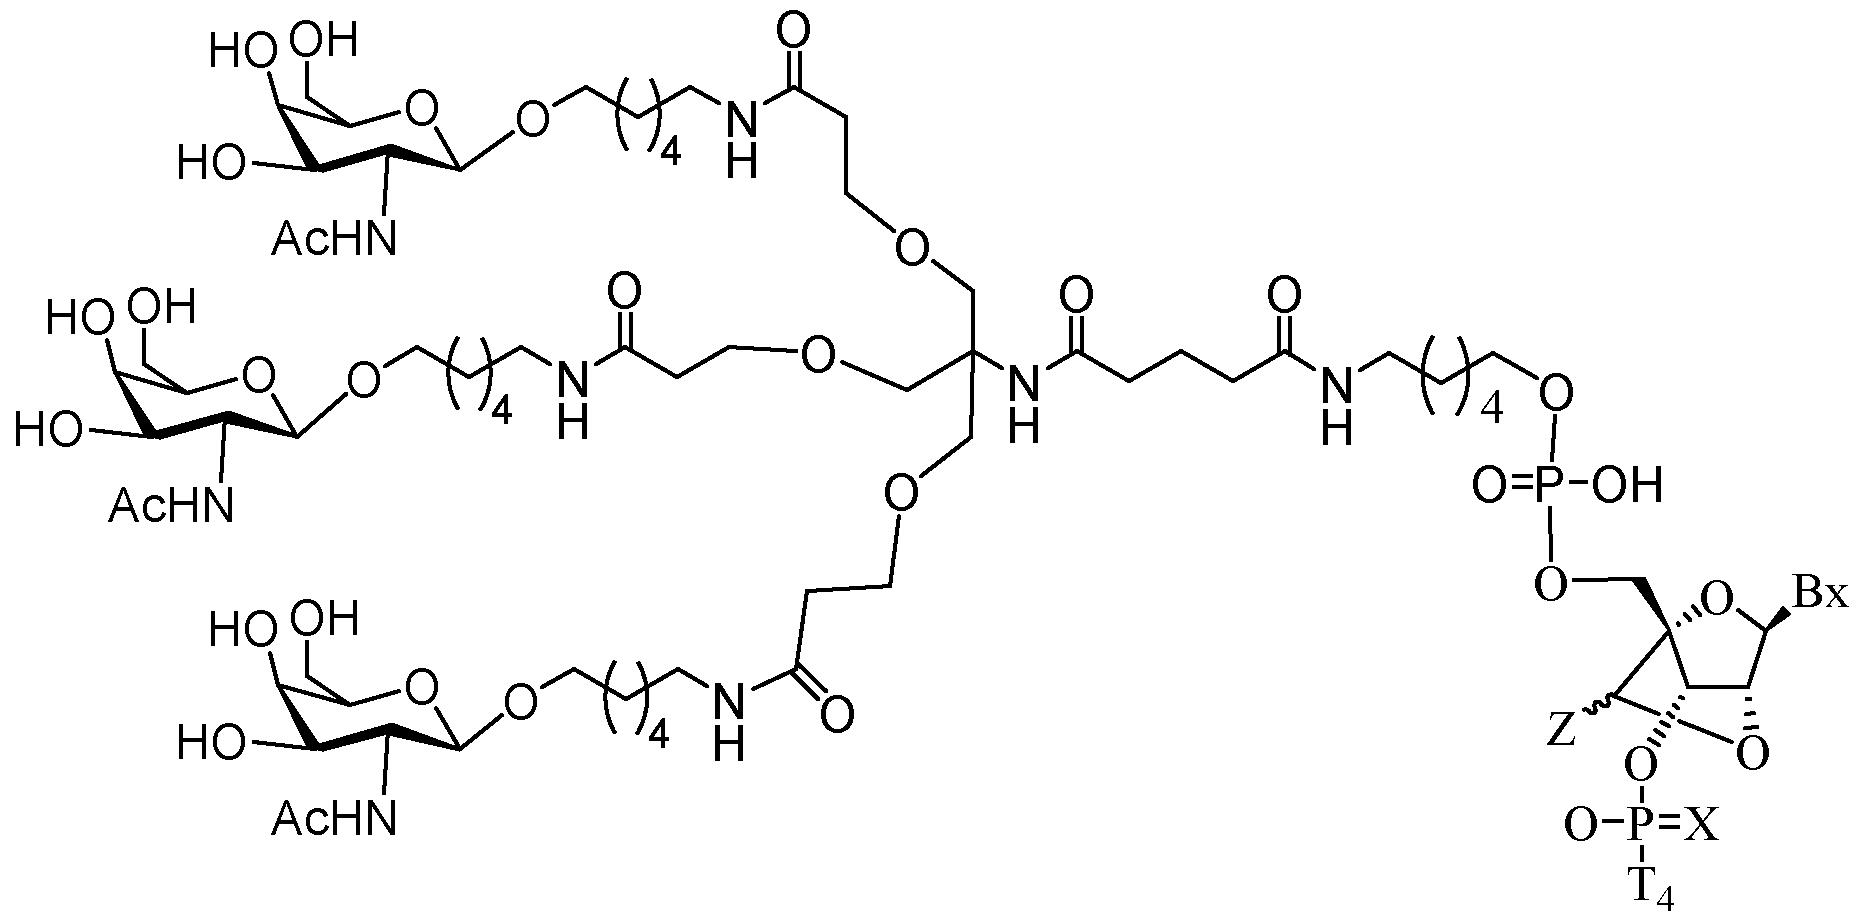 Figure imgf000298_0002